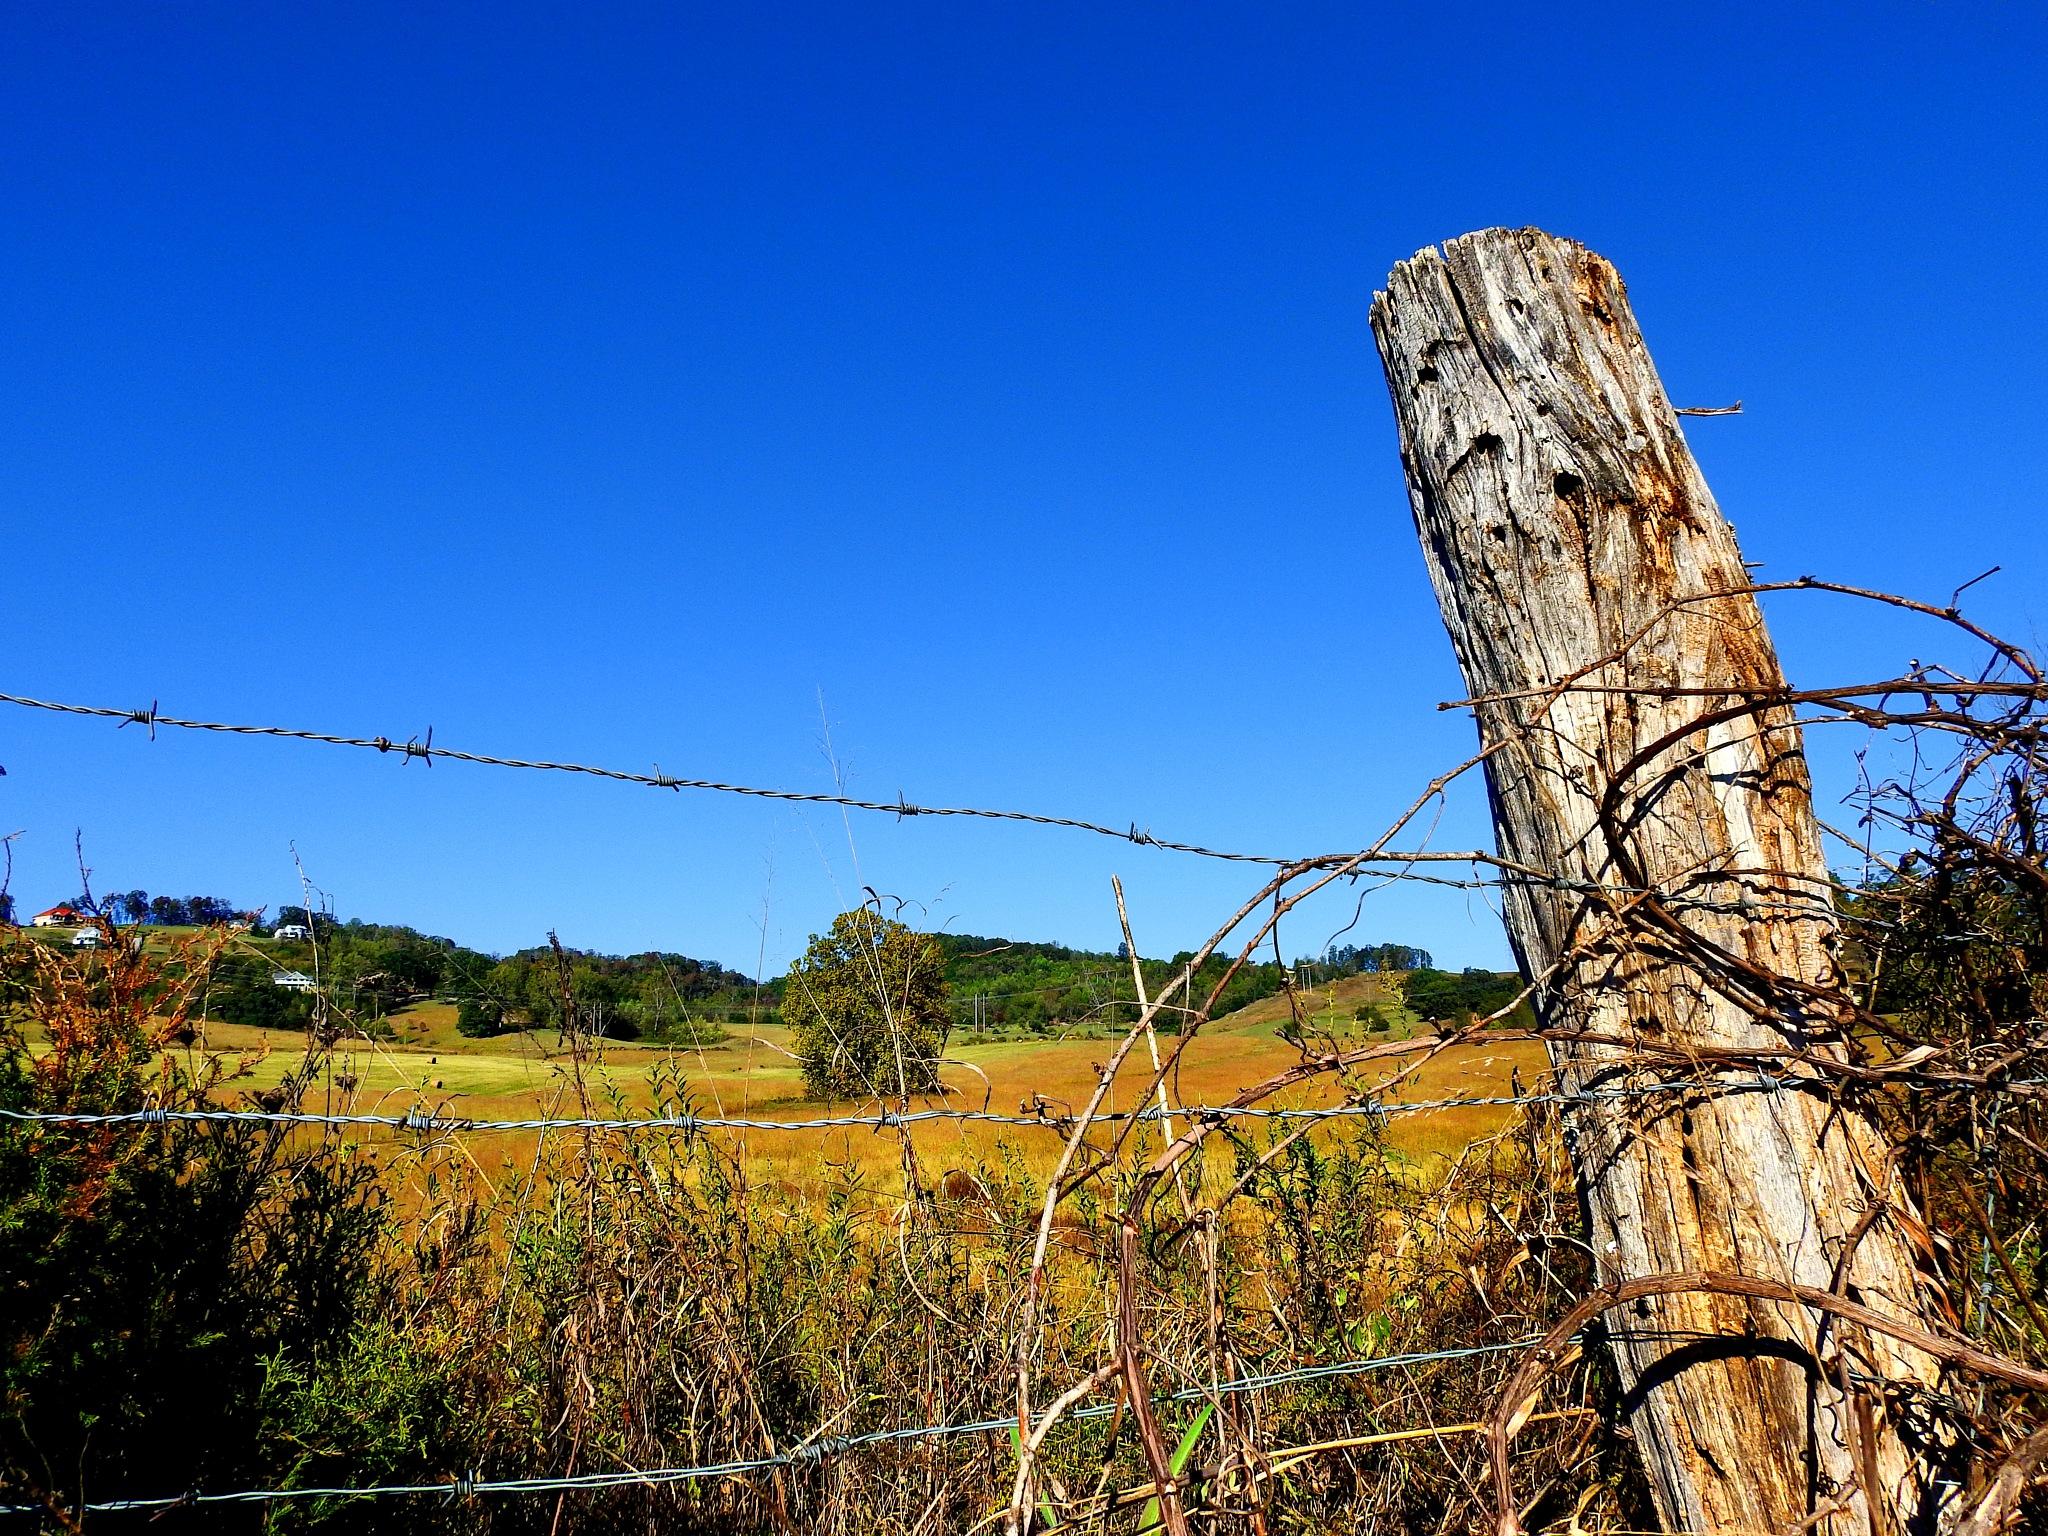 Farm Life by Patty Stockton